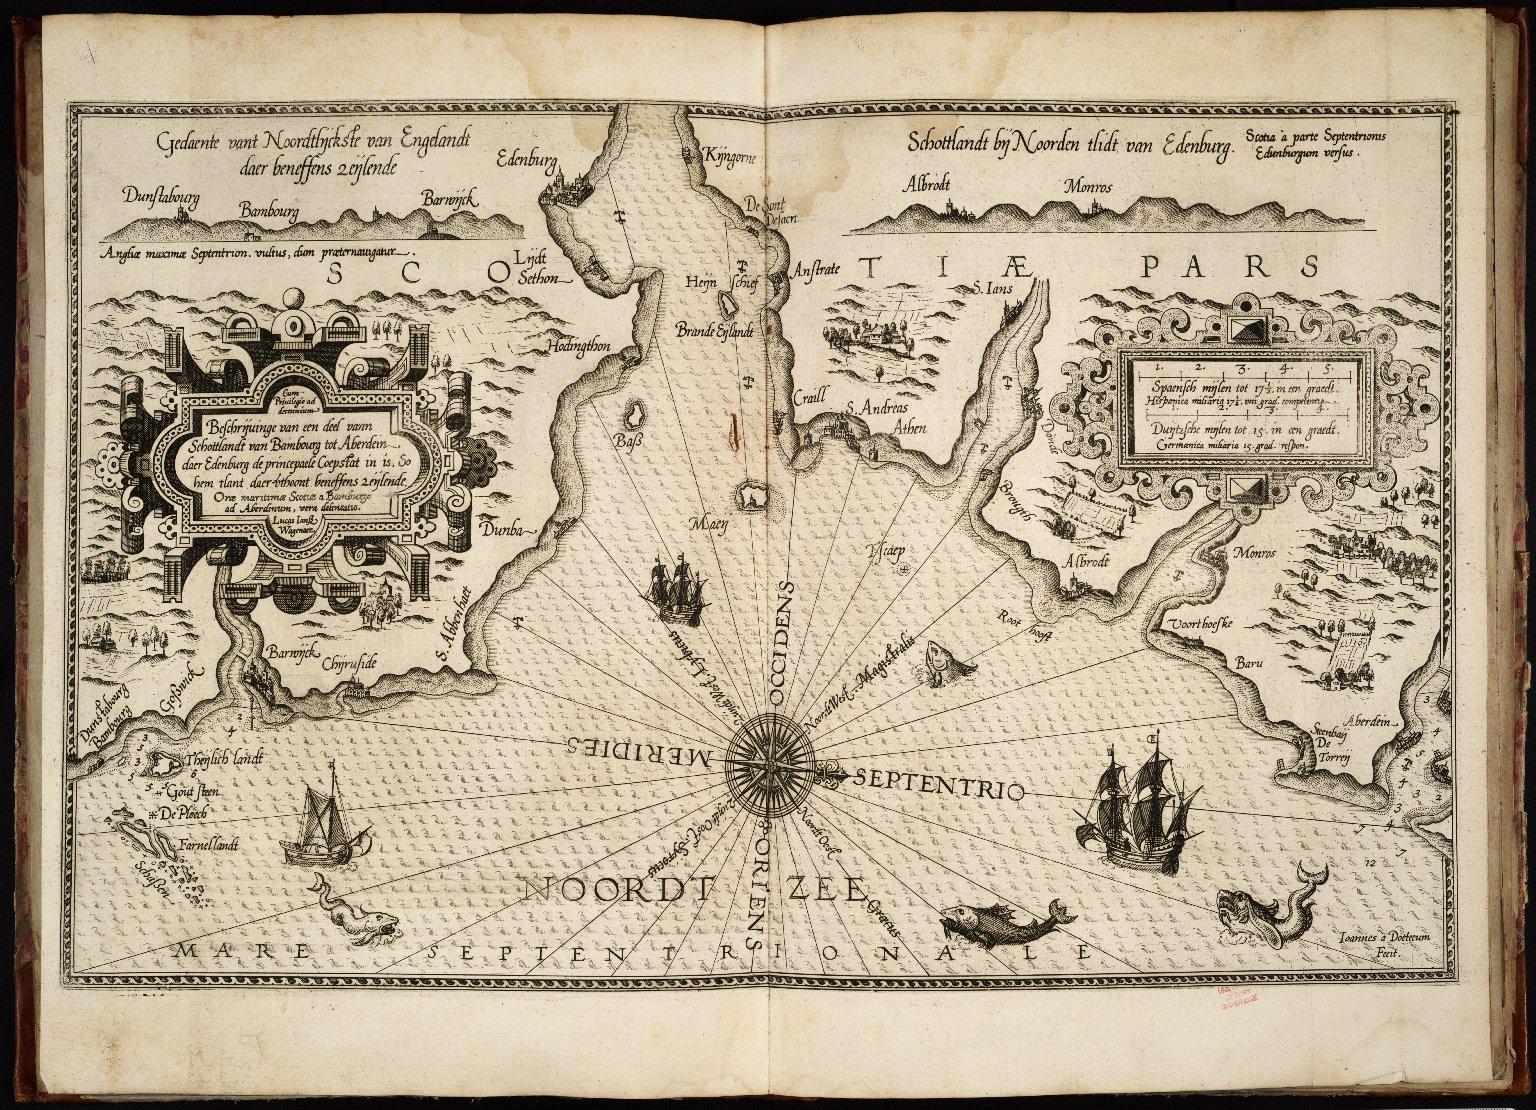 Beschrijvinge van een deel vann Schottlandt van Bambourg tot Aberdein daer Edenburg de princepaele Coepstat in is, So hem tlant daer vtboont beneffens zeijlende = Orae maritimae Scotiae a Bamburgo ad Aberdinum [1 of 1]